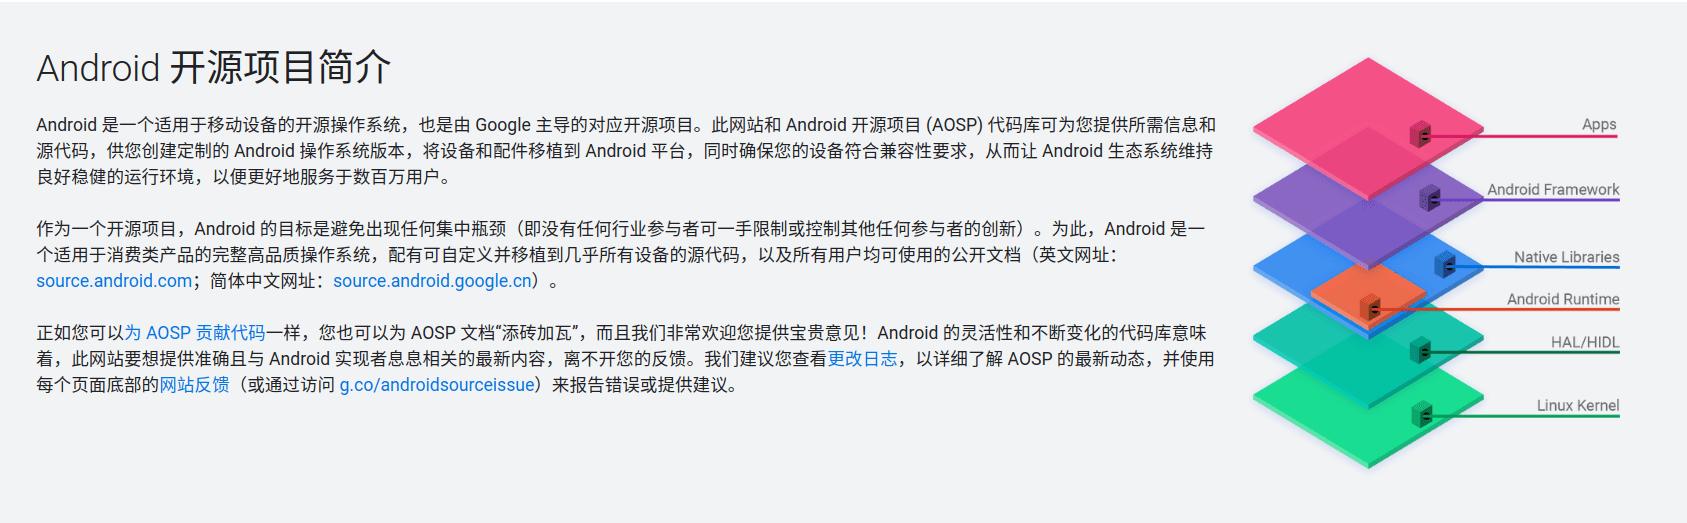 淺談「Android」系統的基礎架構. Android:BSP   by RICK   Rick X Coding   Jul, 2020   Medium